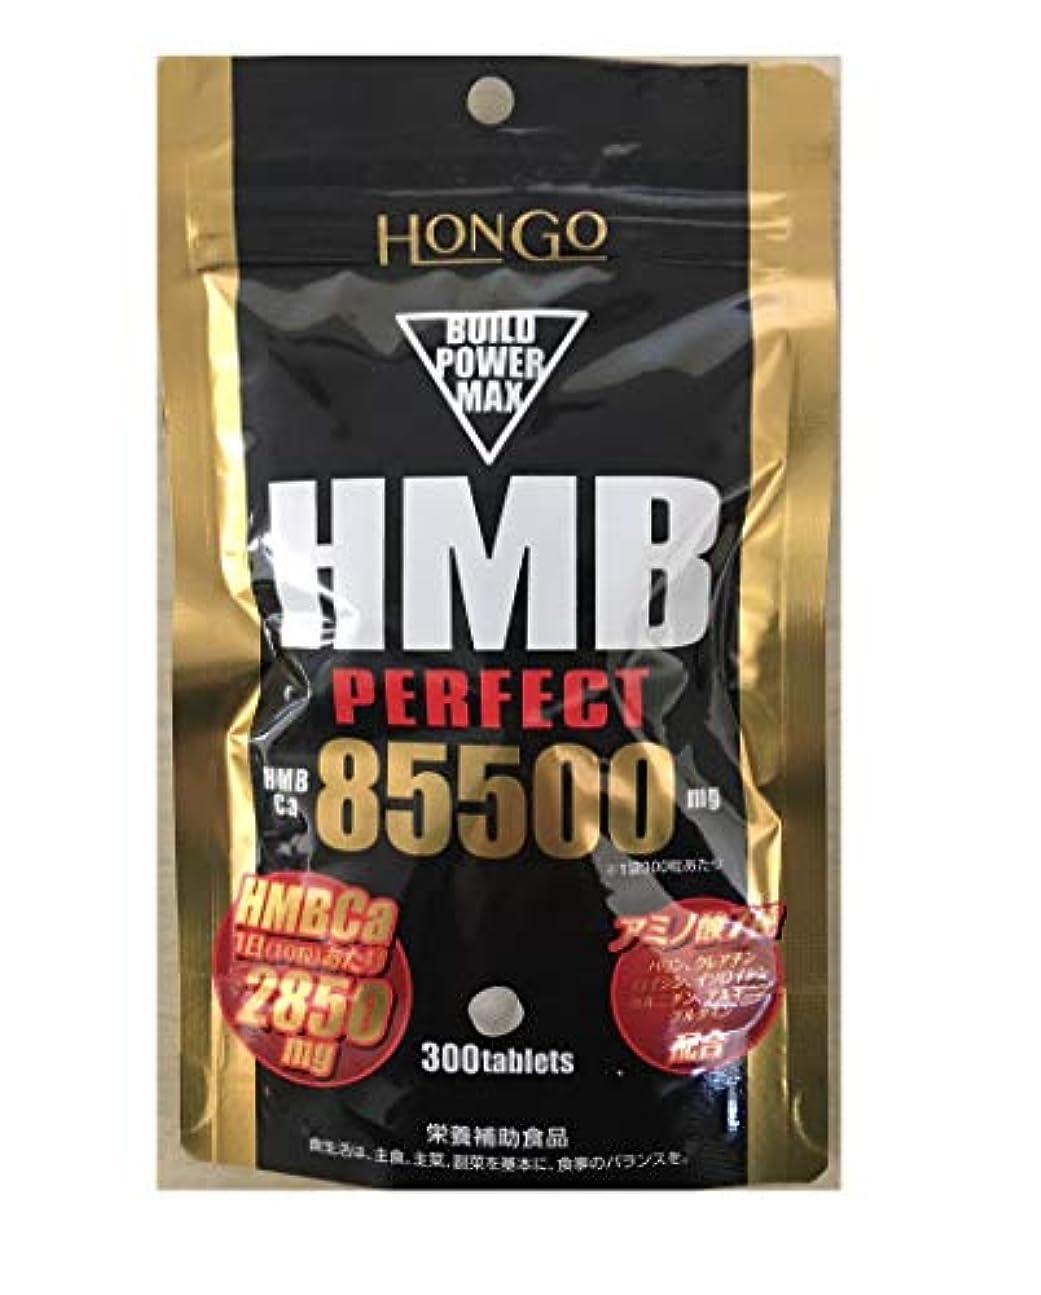 そうでなければオデュッセウス膨らませるHongo HMB PERFECT HMB パーフェクト 85500 (350mg×300粒) HMBカルシウム 栄養補助食品